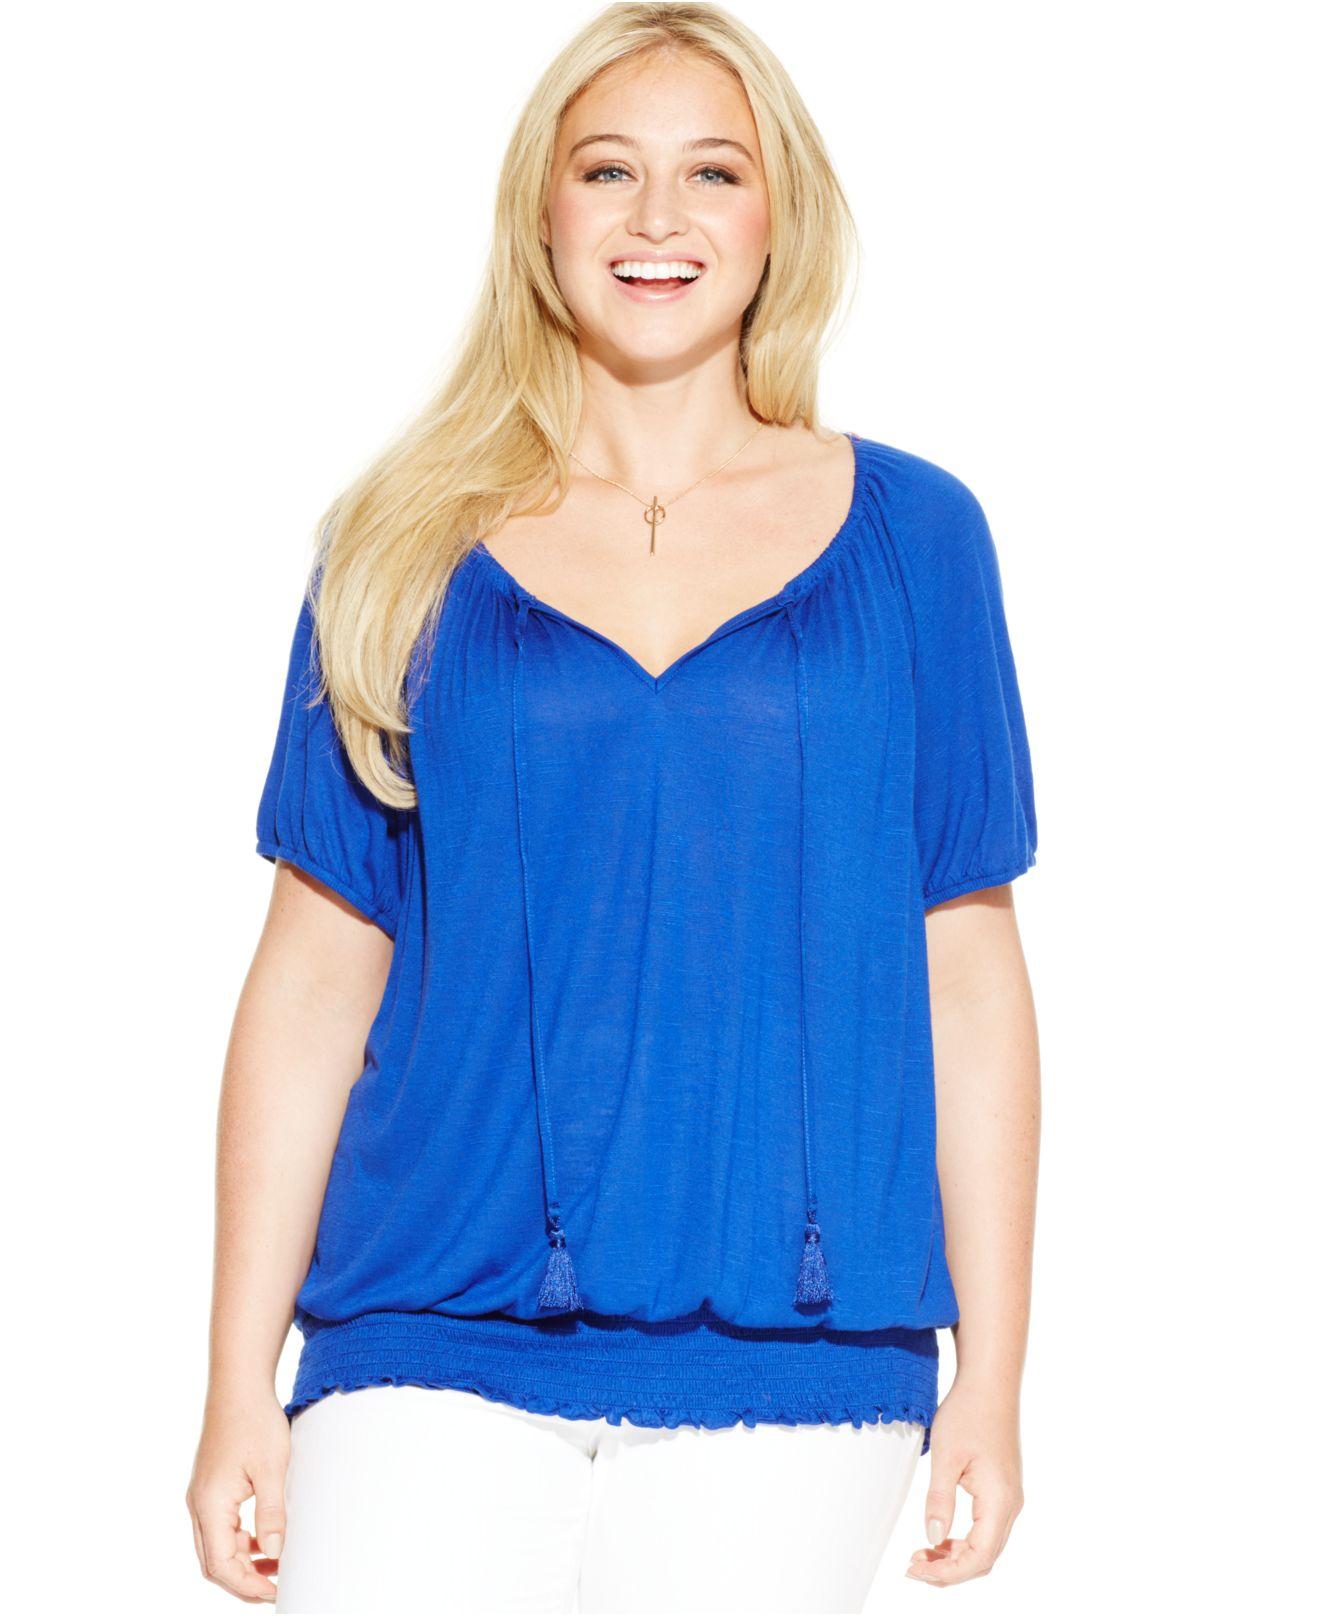 712056e346981 Lyst - INC International Concepts Plus Size Blouson Top in Blue